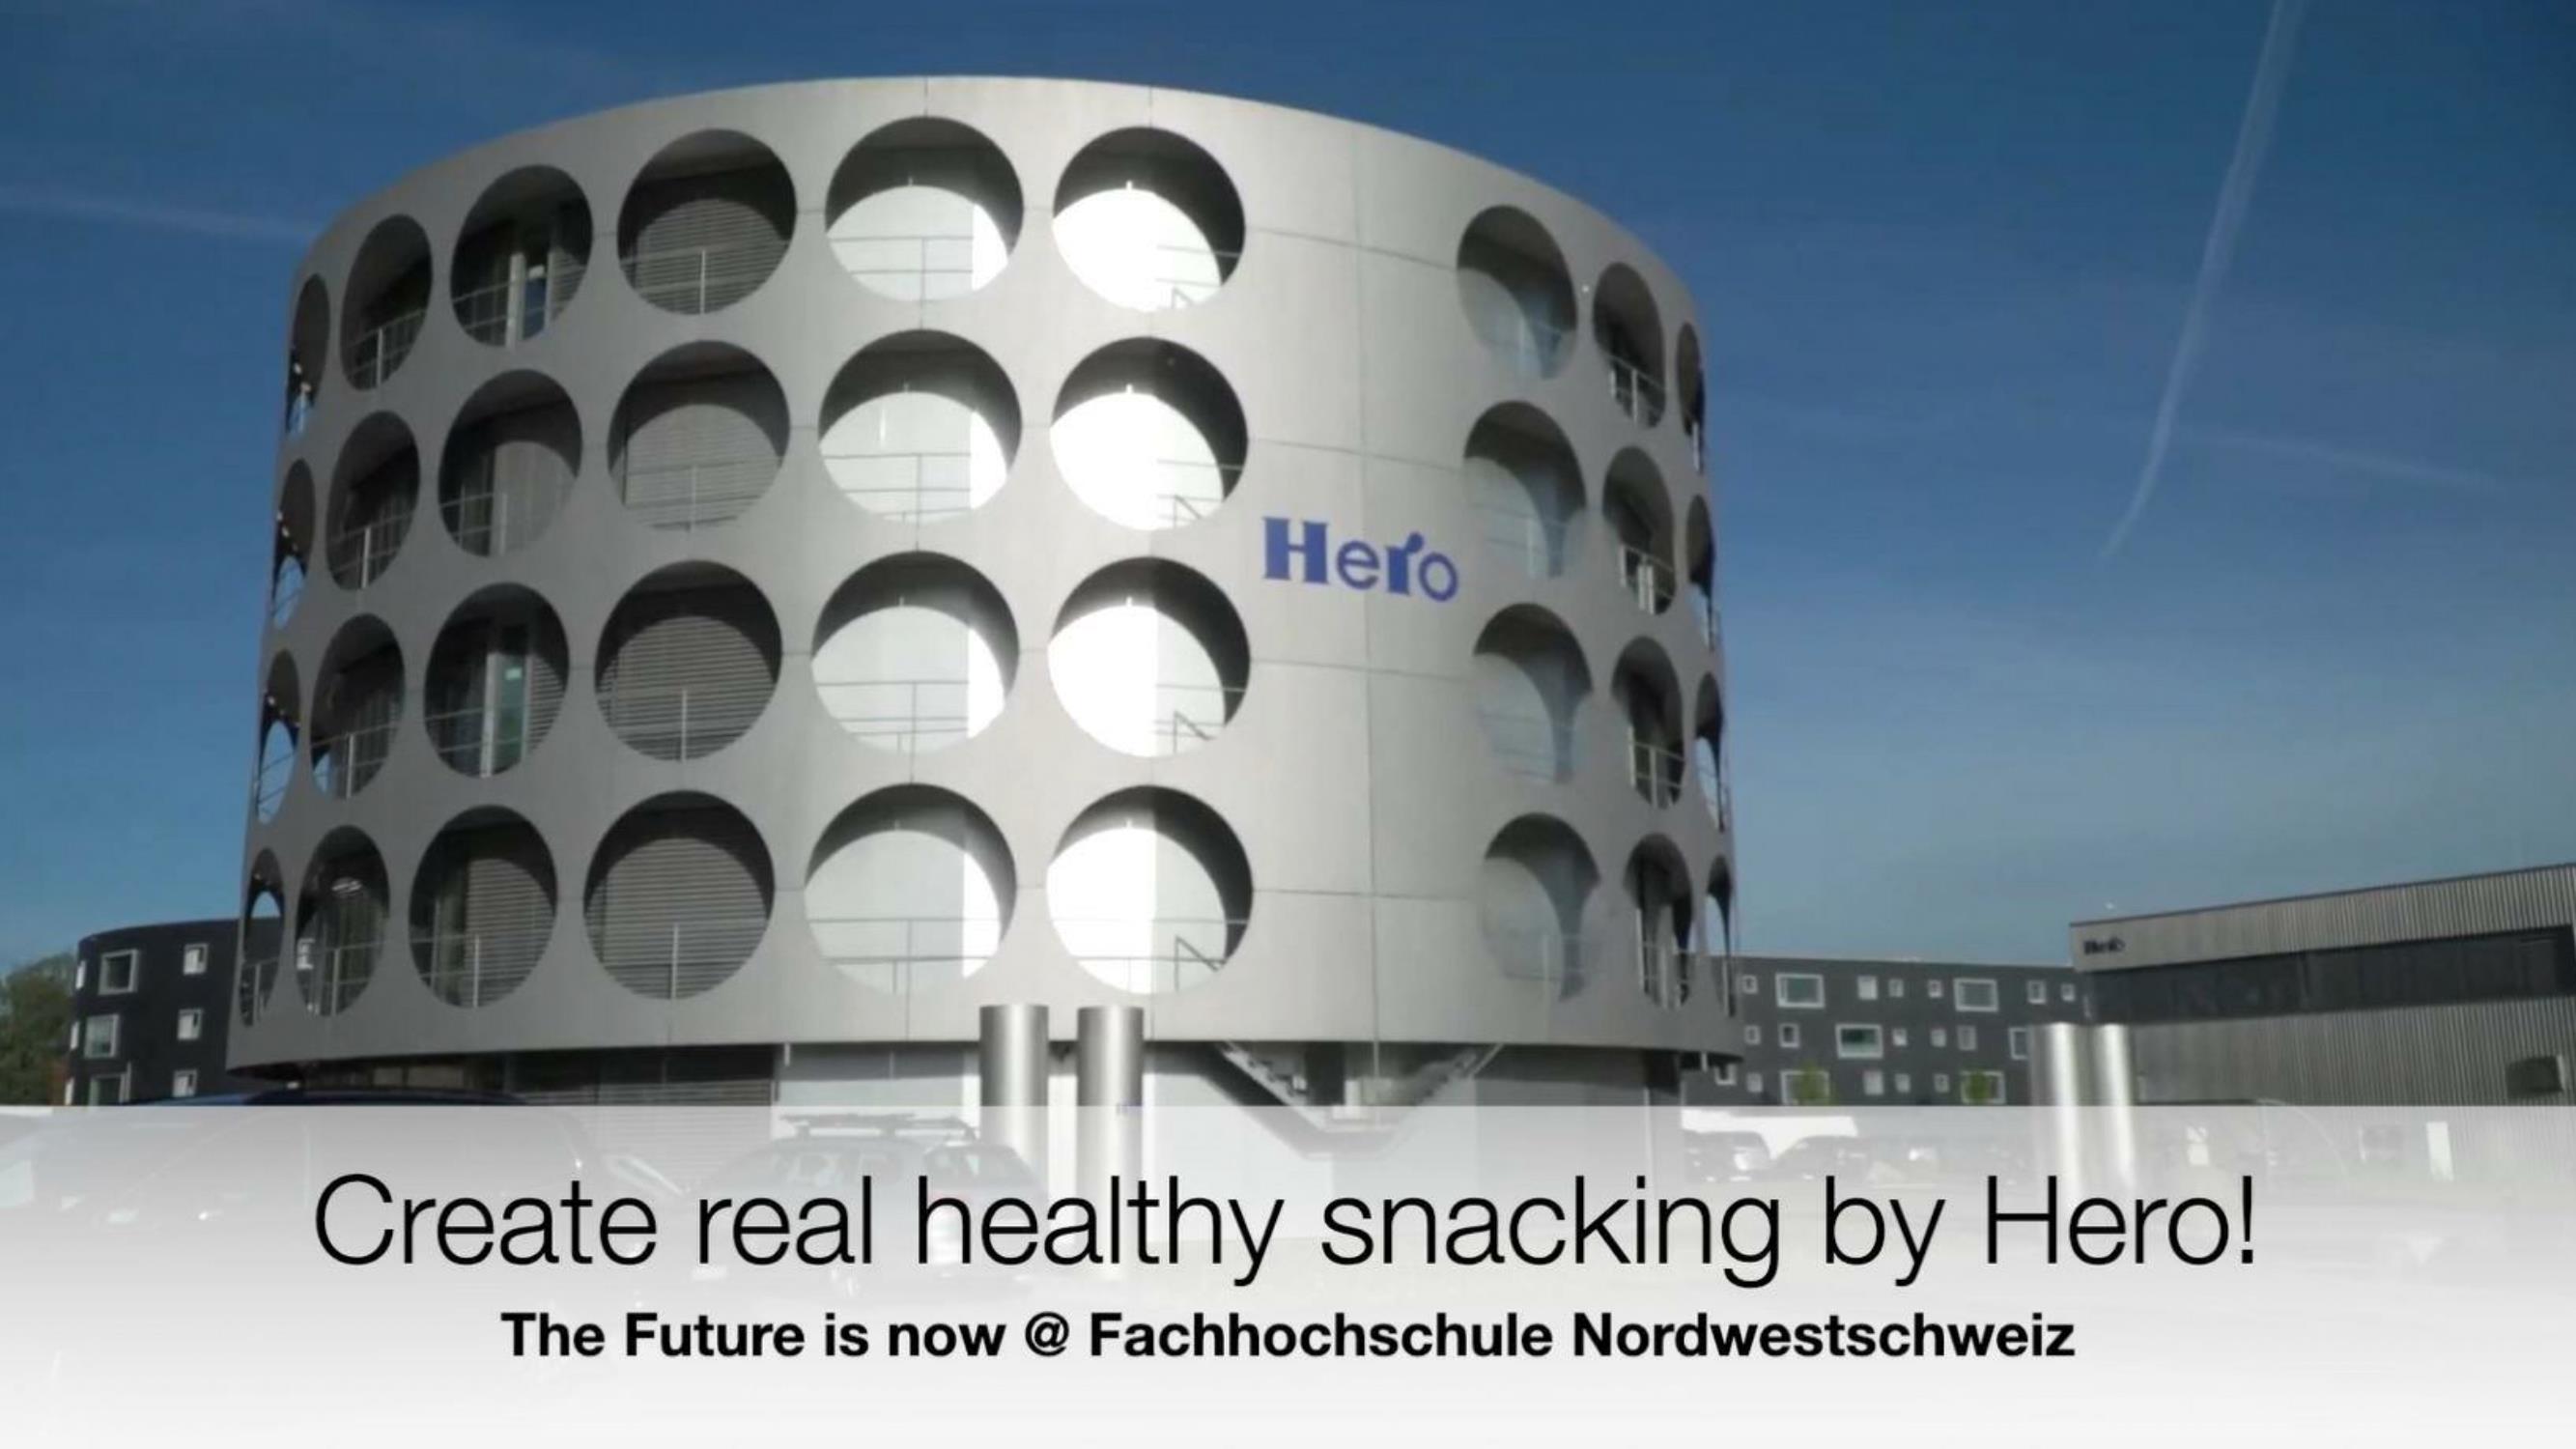 Präsentation_HERO_Gruppe B_Kuhn-Ledermann_The Future is now_Frühling 2021_Page_2.jpeg